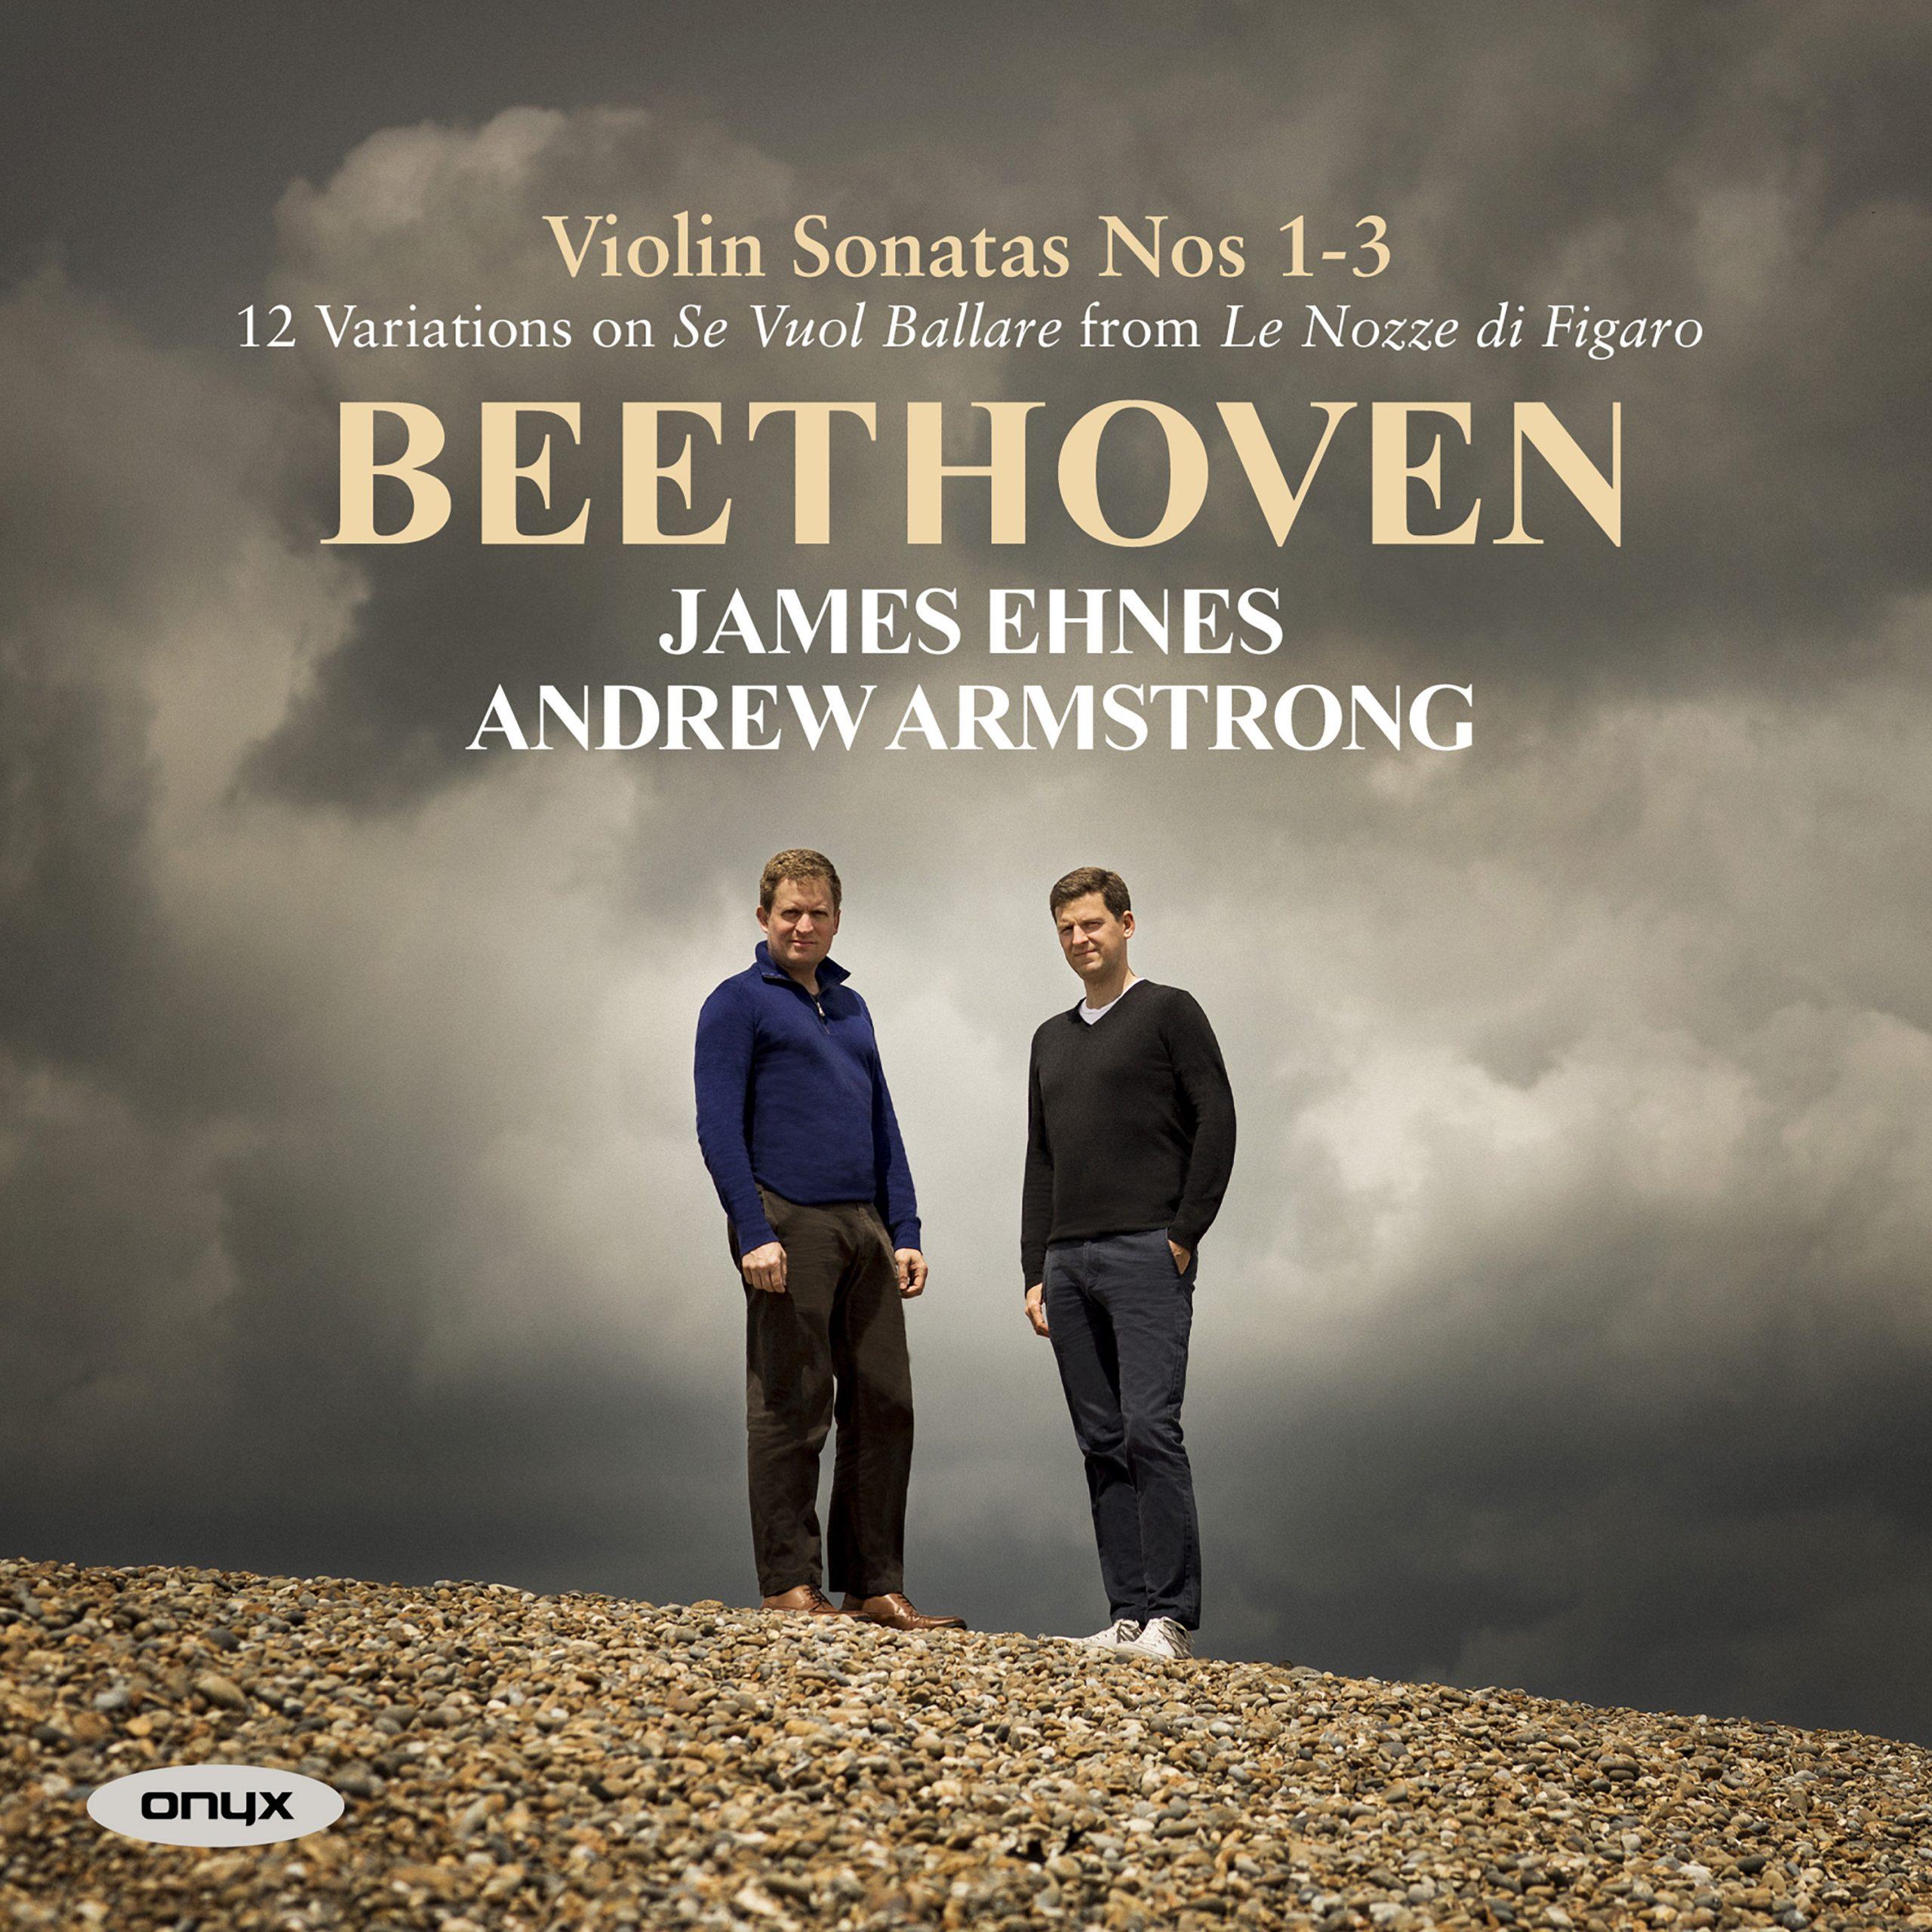 Beethoven: Violin Sonatas Nos. 1-3, Op. 12